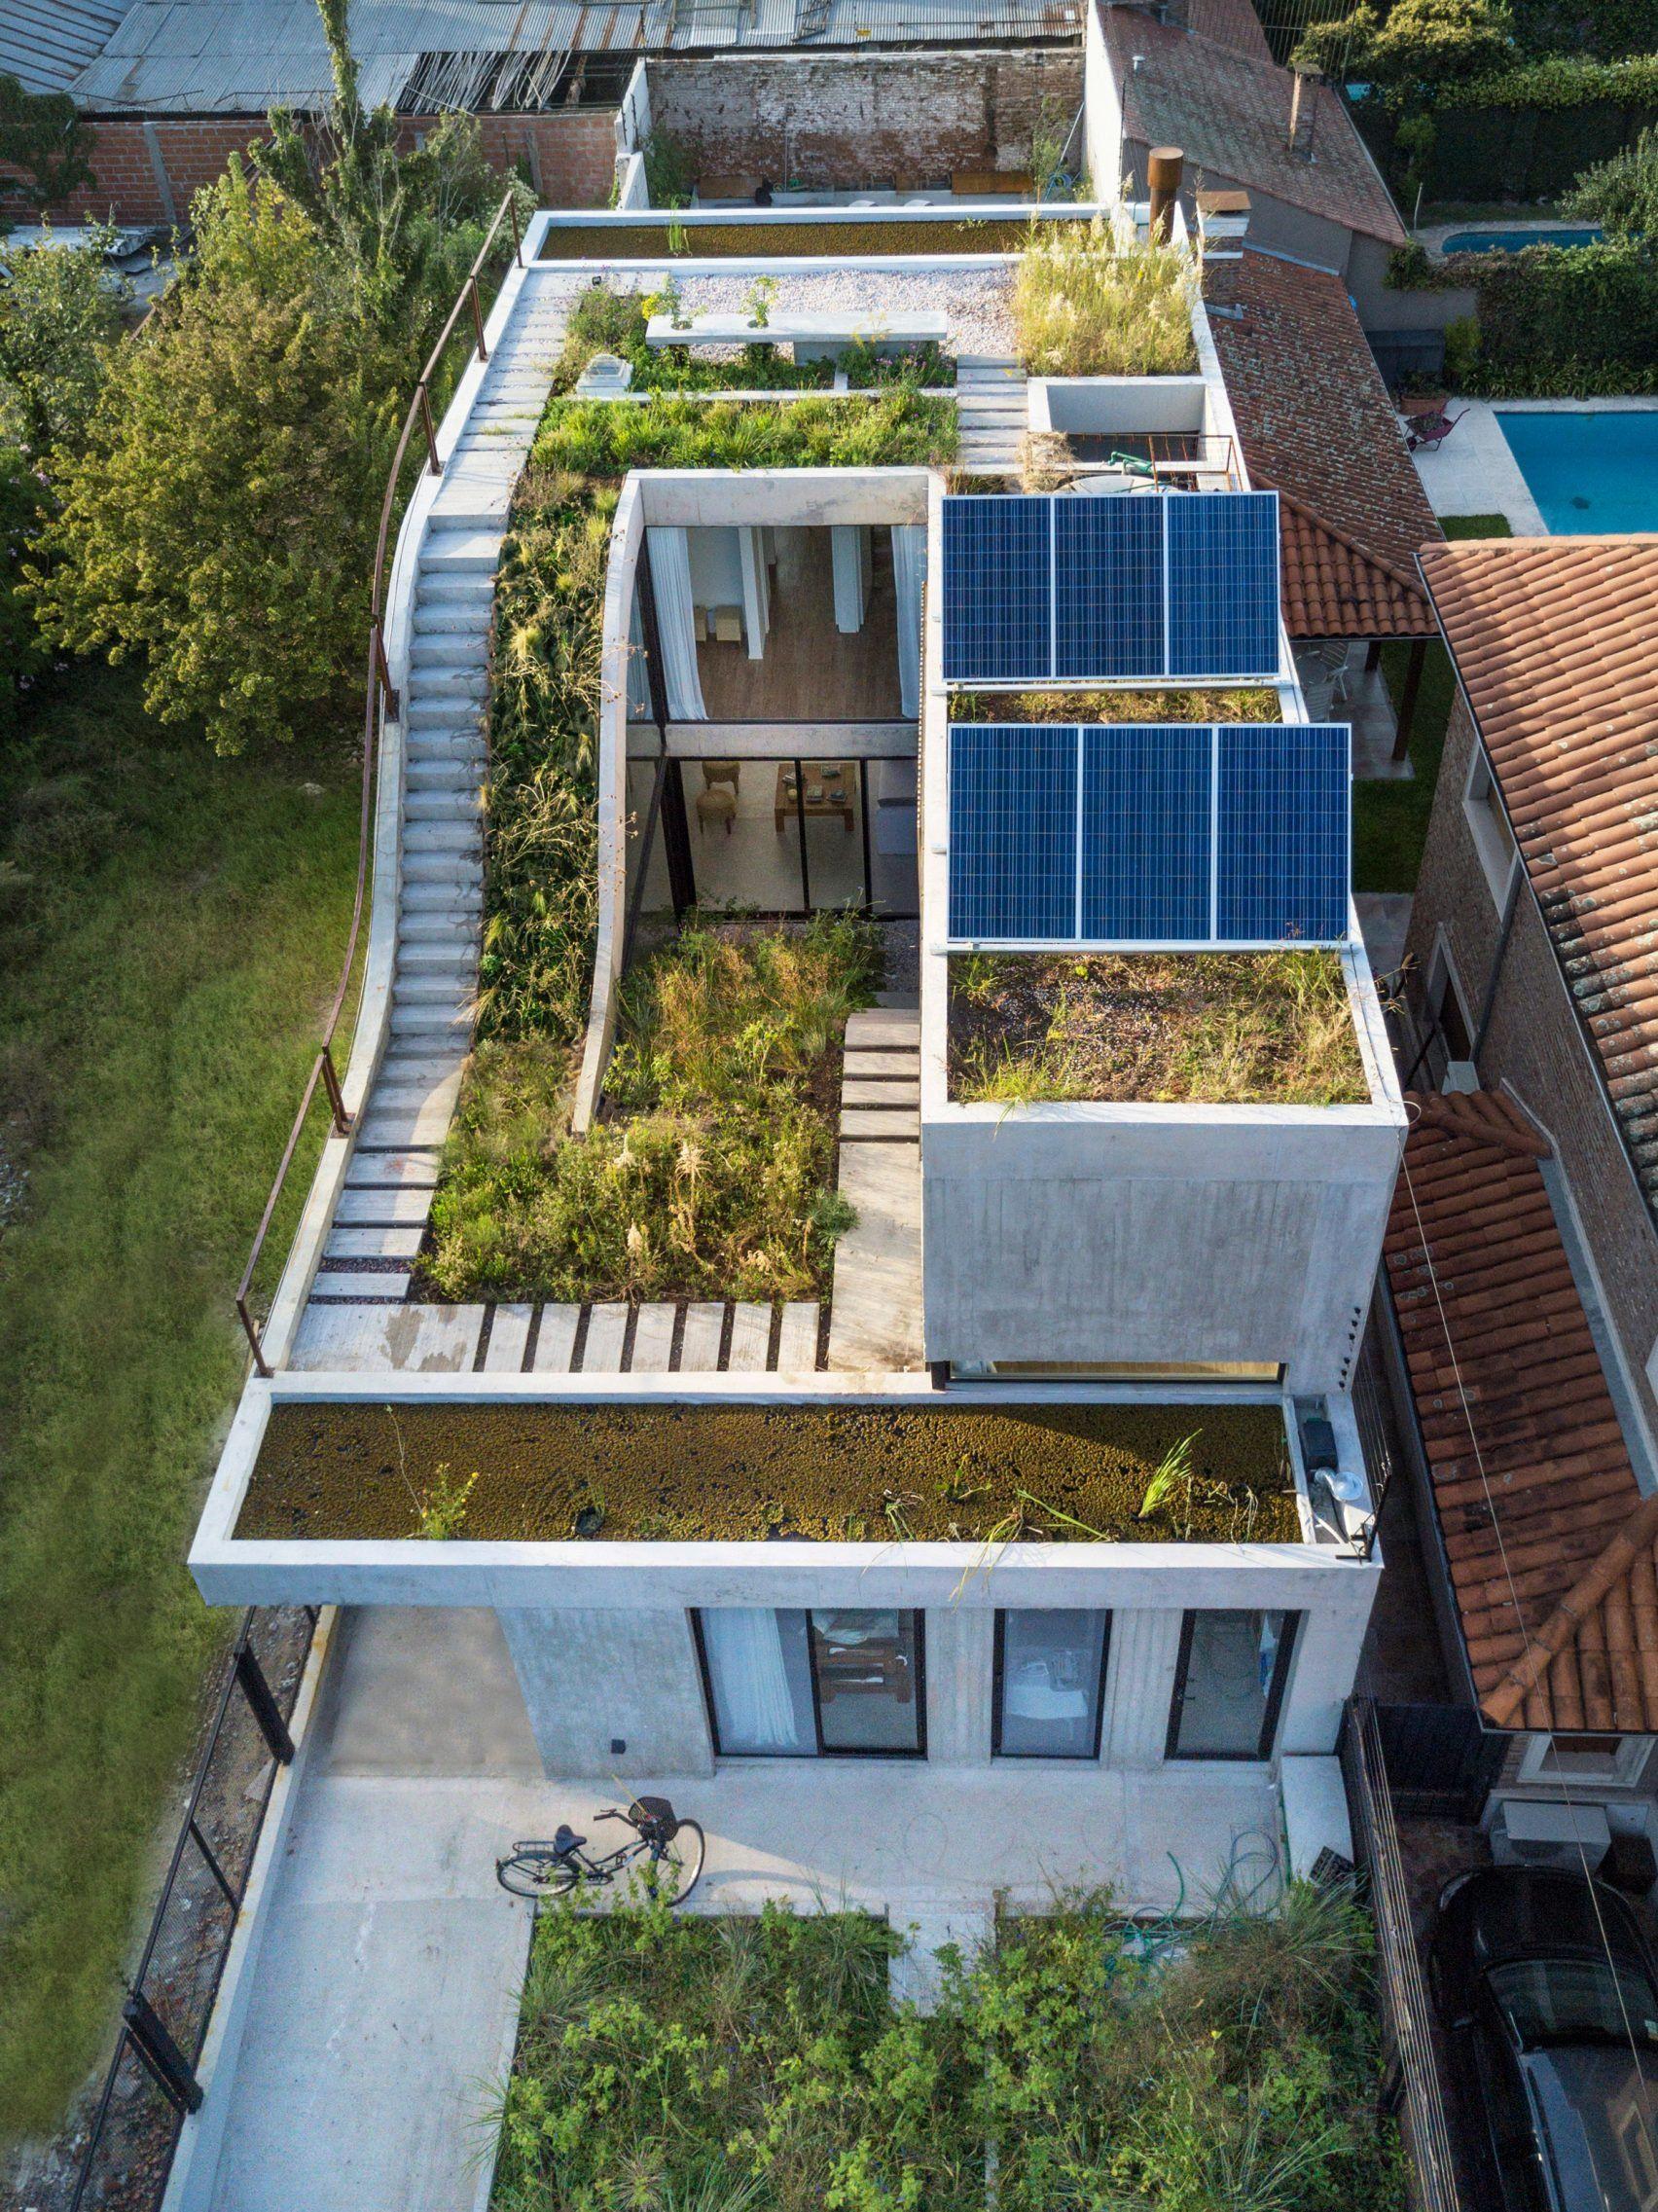 Mau Buat Taman Di Atap Rumah? Begini Tahap-tahapnya - Artikel SpaceStock